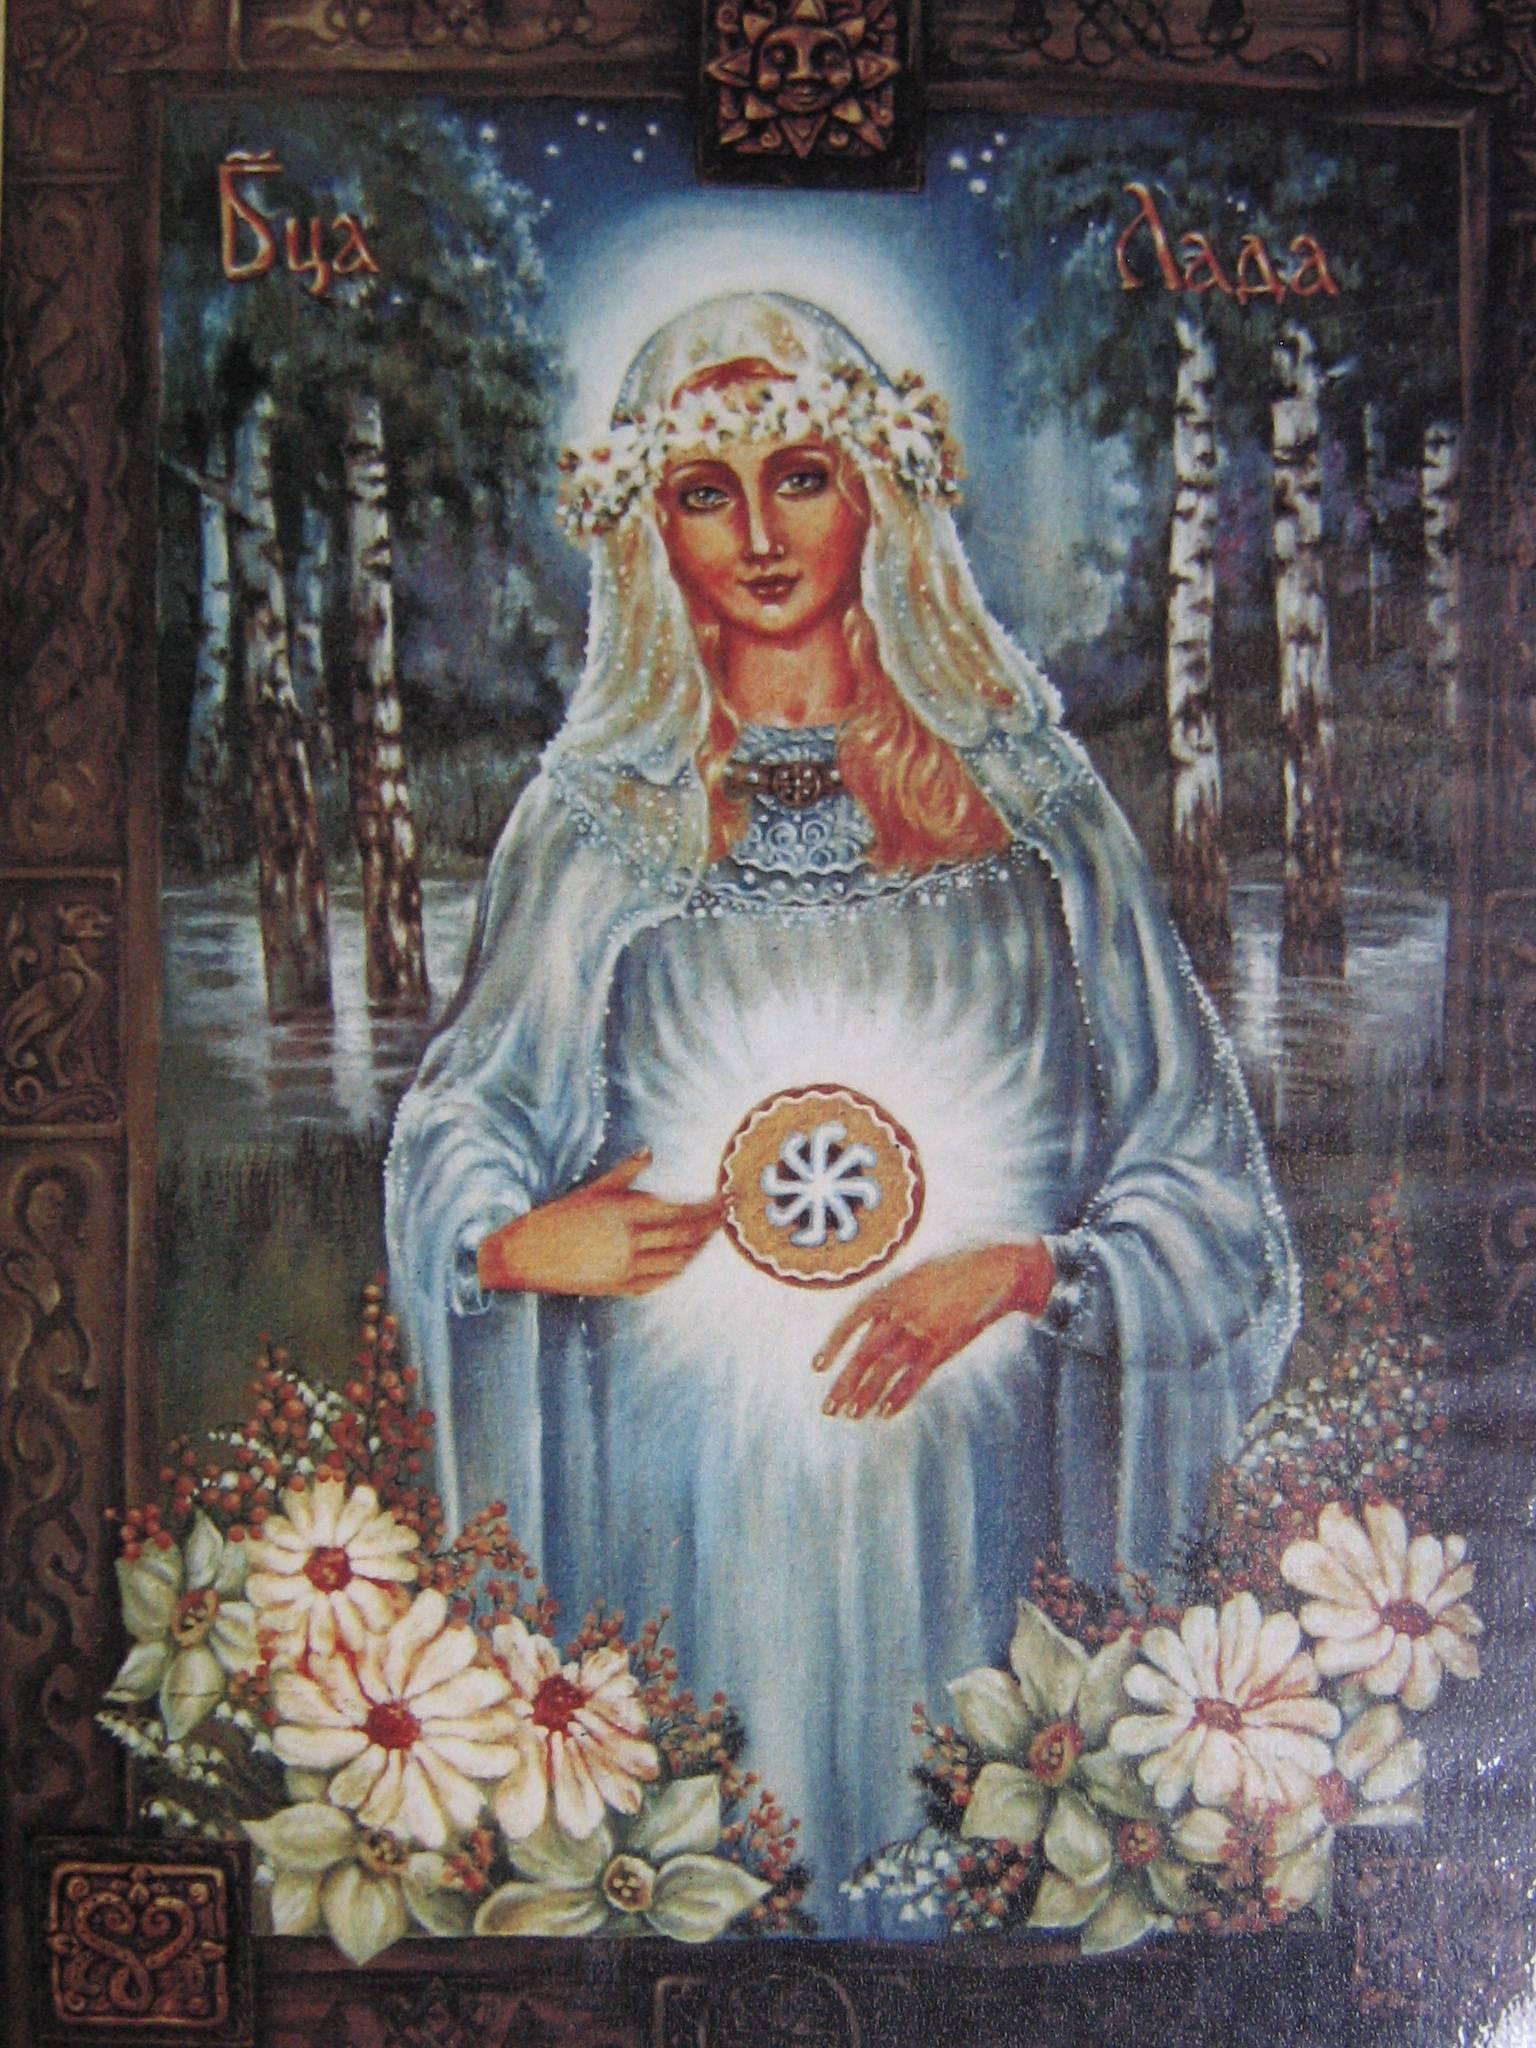 Богиня лада — славянская богиня любви и красоты